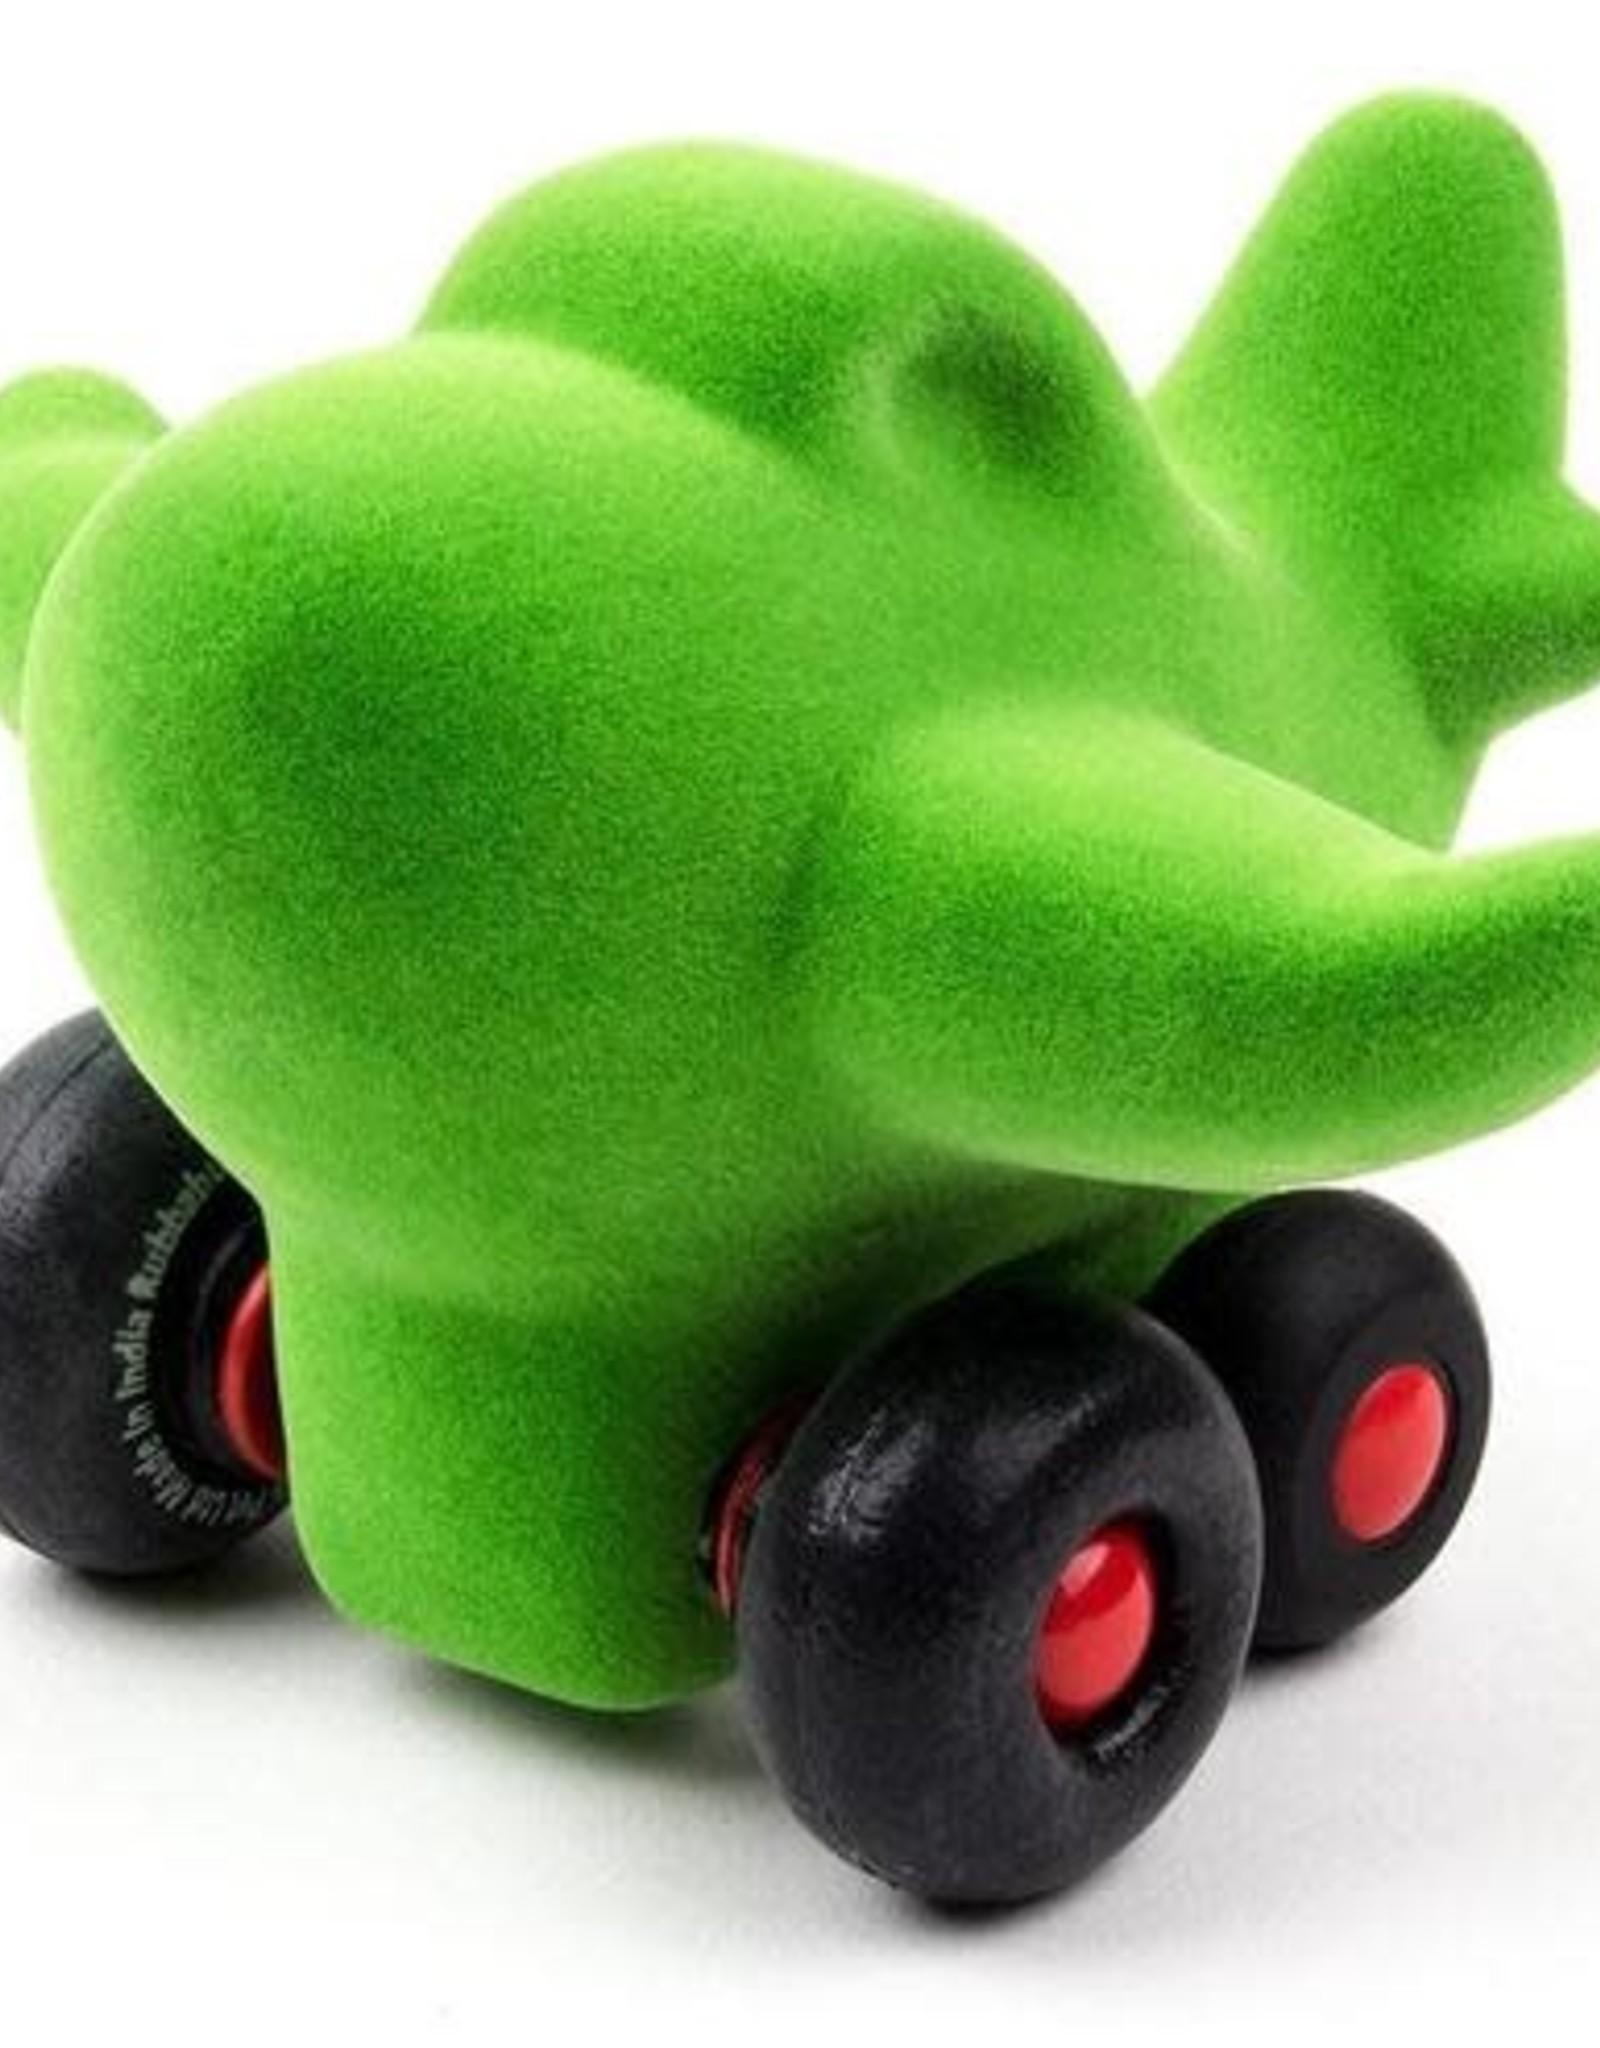 Rubbabu Little Vehicle Green Airplane